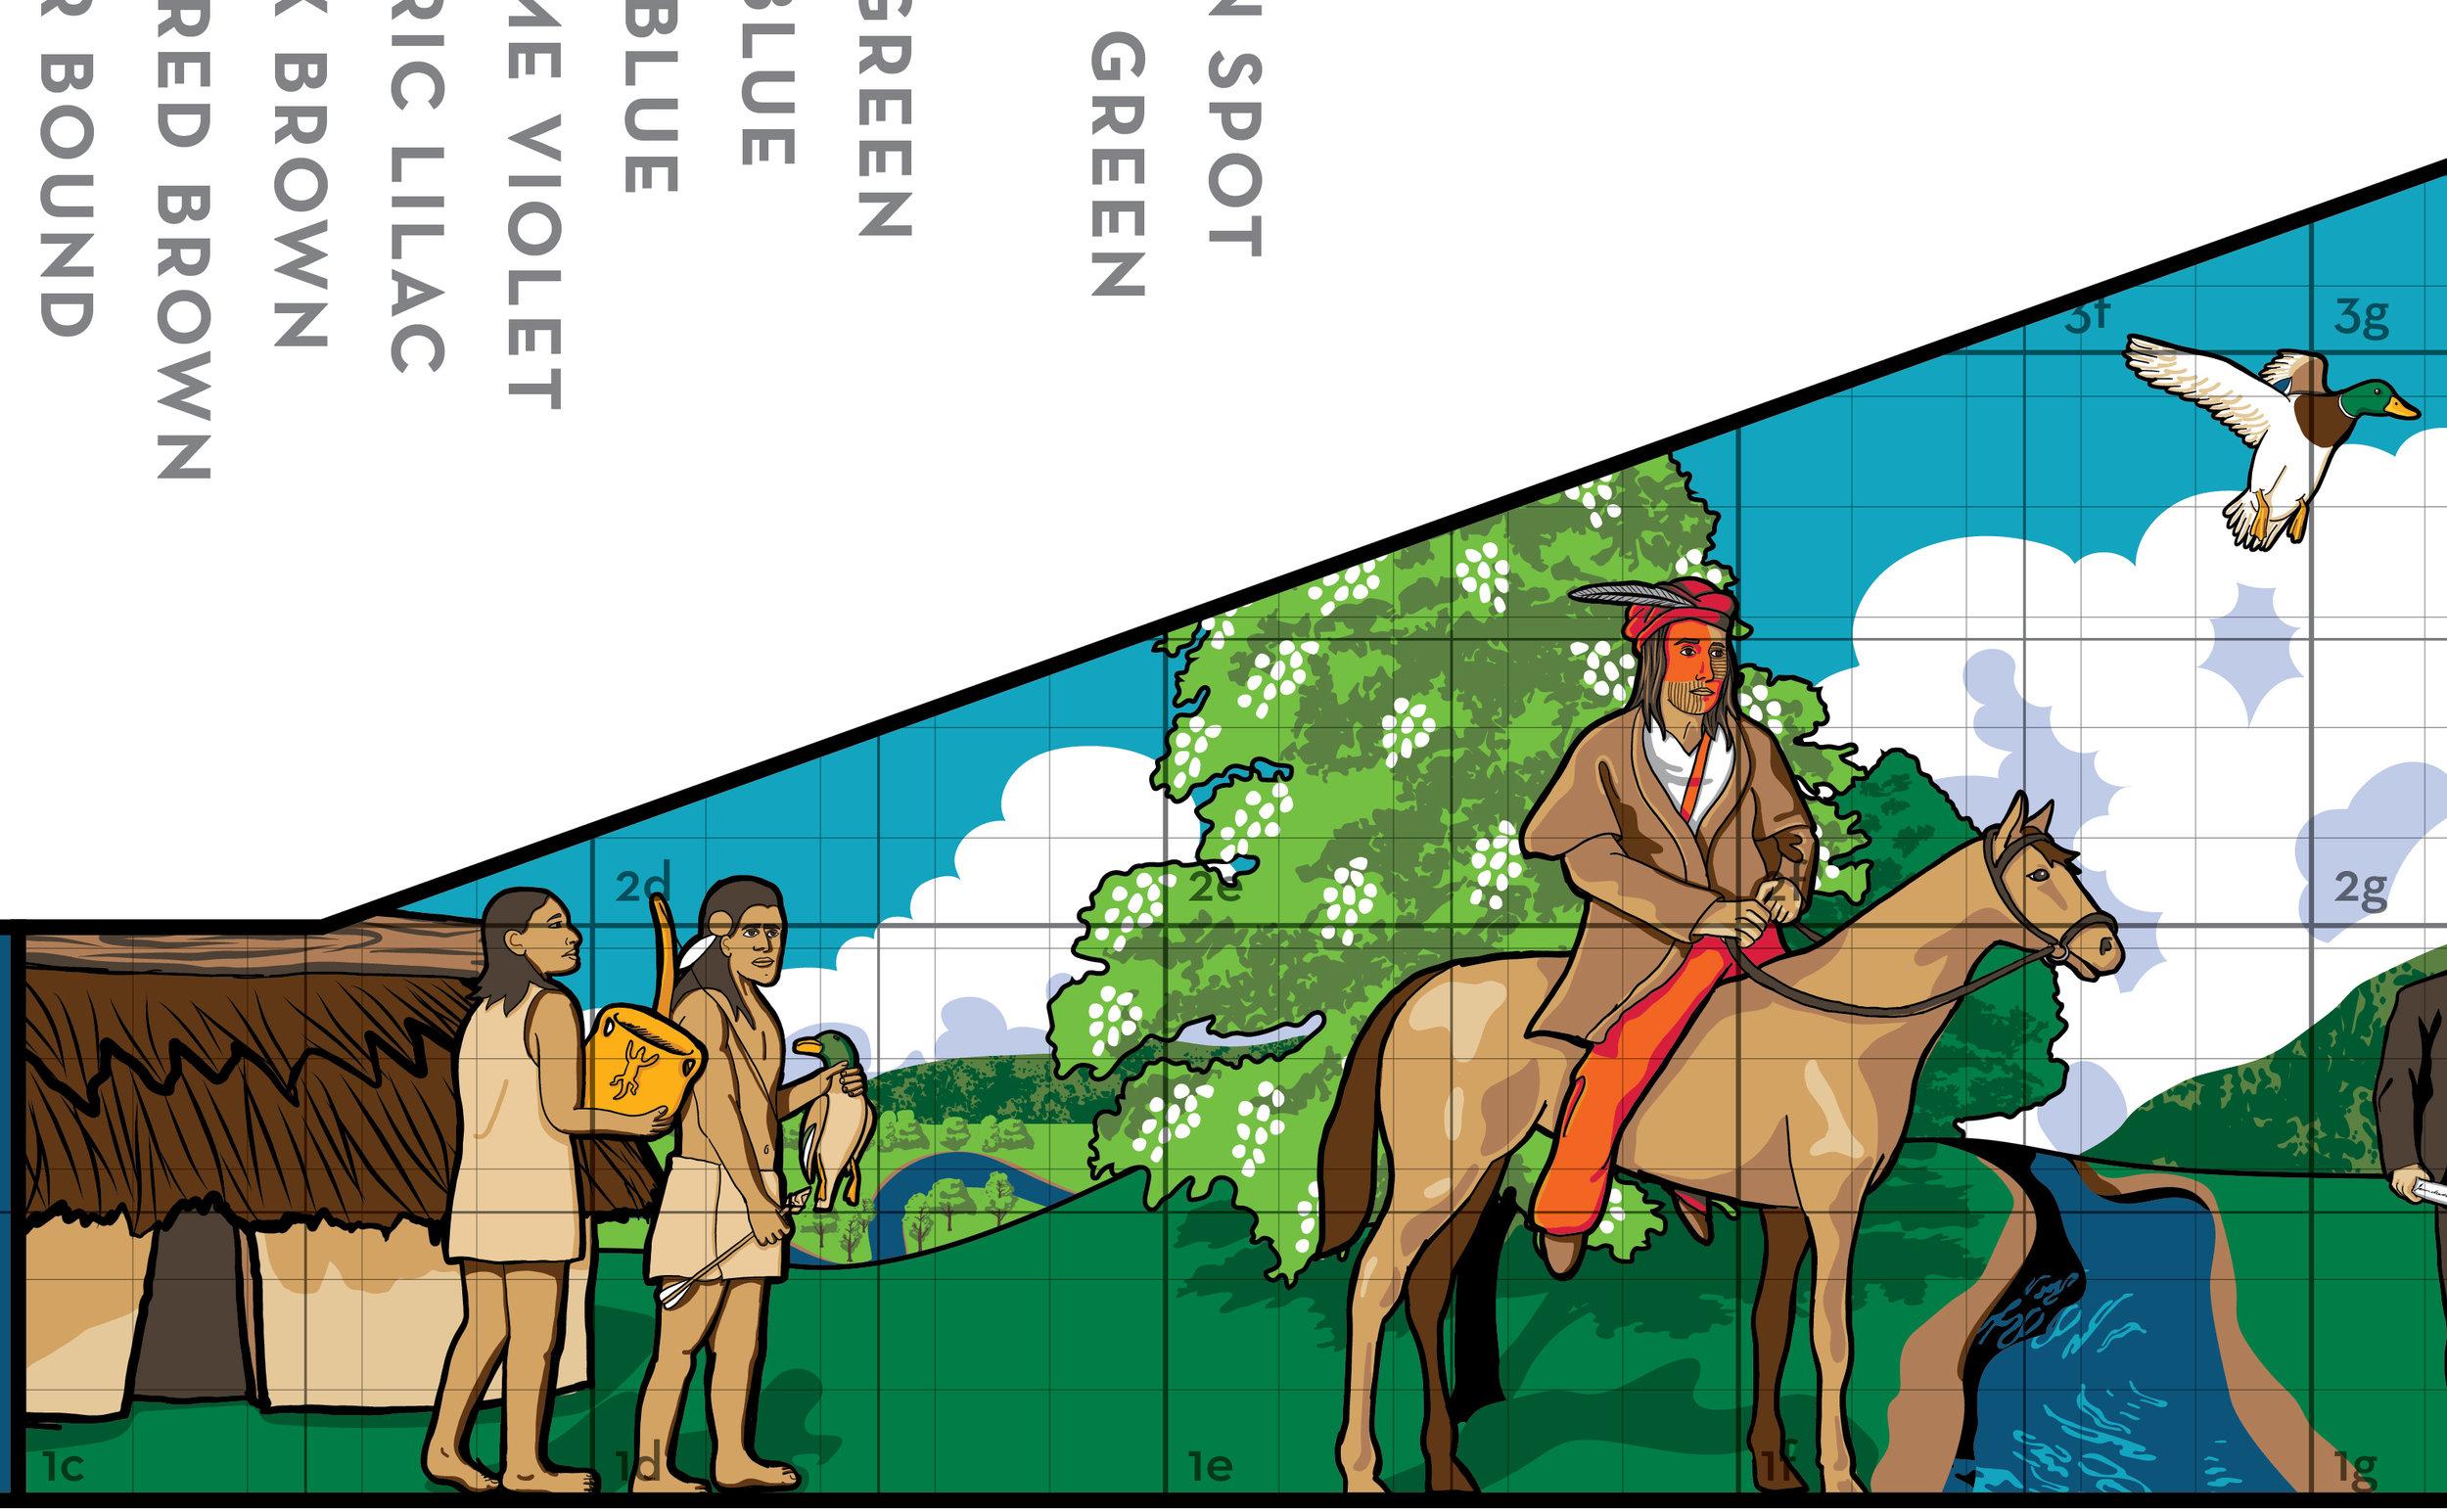 170610_Madisonville_Mural_Illustrated_WIP_Madville_1600.jpg